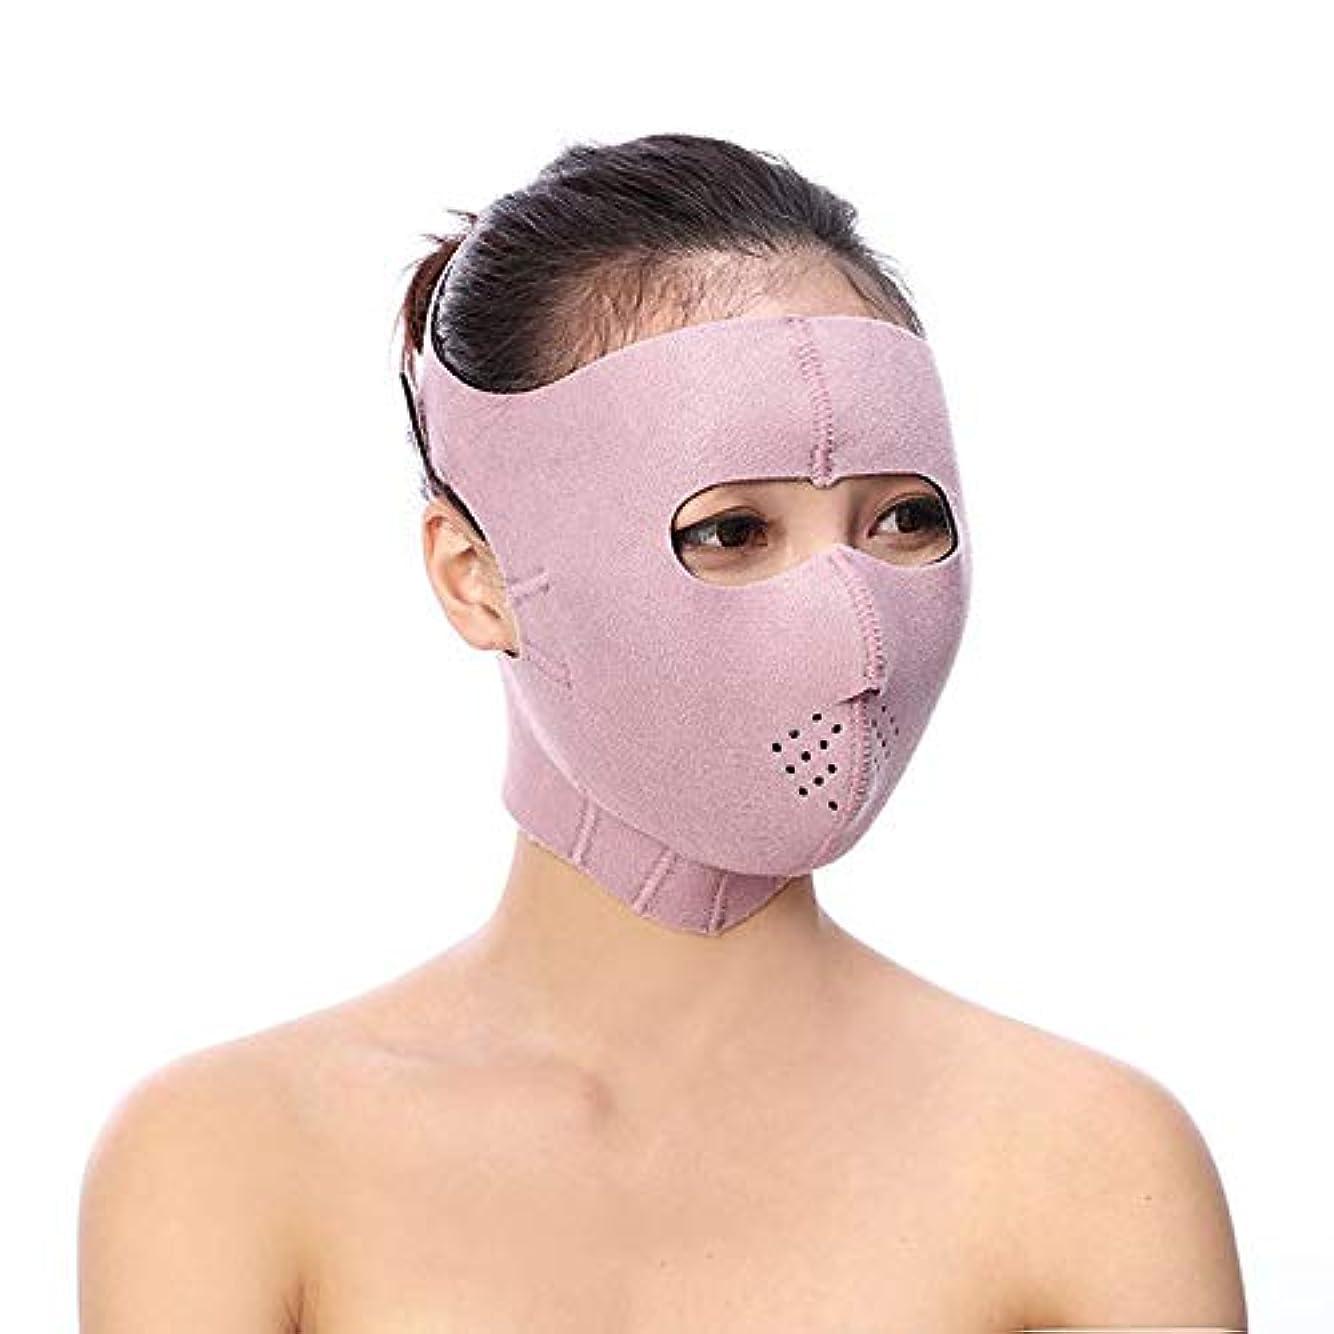 葉を拾う敵意削減飛強強 フェイシャルリフティング痩身ベルト - Vフェイス包帯マスクフェイシャルマッサージャー無料の薄いフェイス包帯整形マスクを引き締める顔と首の顔スリム スリムフィット美容ツール